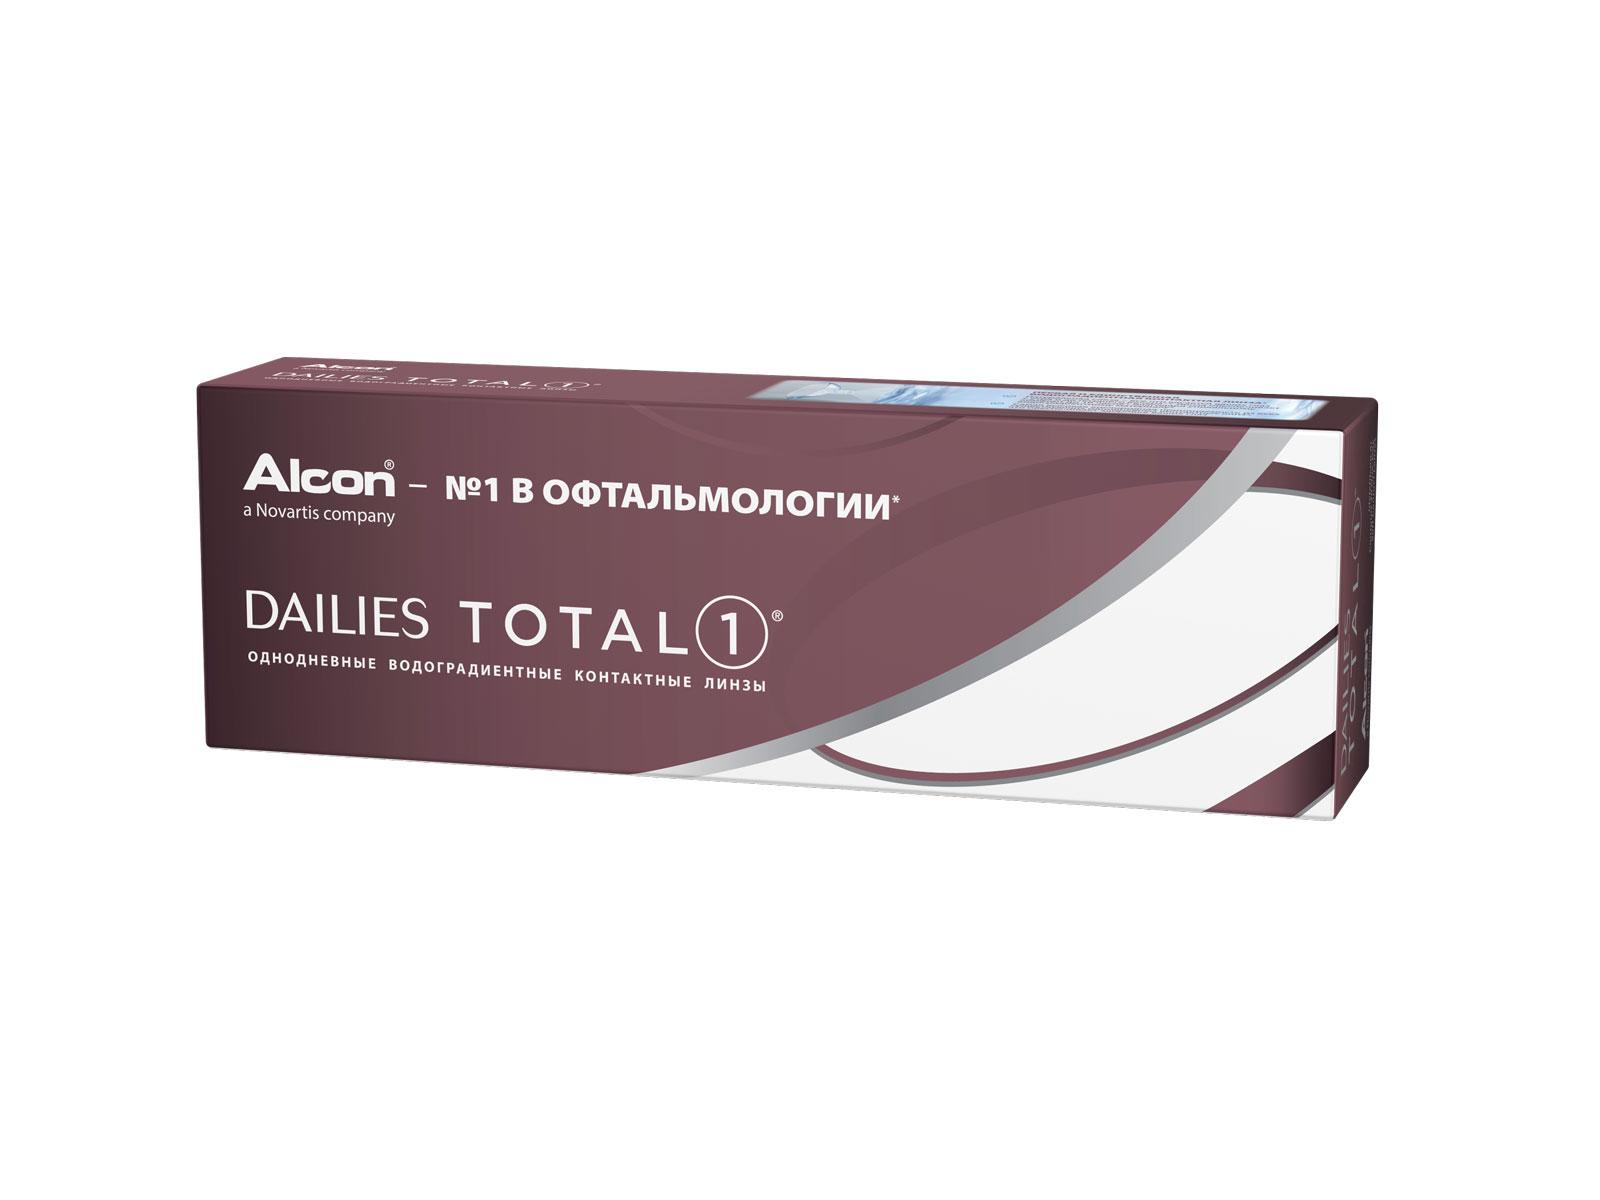 Alcon контактные линзы Dailies Total 1 30pk /-1.00 / 8.5 / 14.1100039921Dailies Total 1 – линзы, которые не чувствуешь с утра и до поздного вечера. Эти однодневные контактные линзы выполнены из уникального водоградиентного материала, багодаря которому натуральная слеза – это все, что касается ваших глаз. Почти 100% влаги на поверхности обеспечивают непревзойденный комфорт до 16 часов ношения.